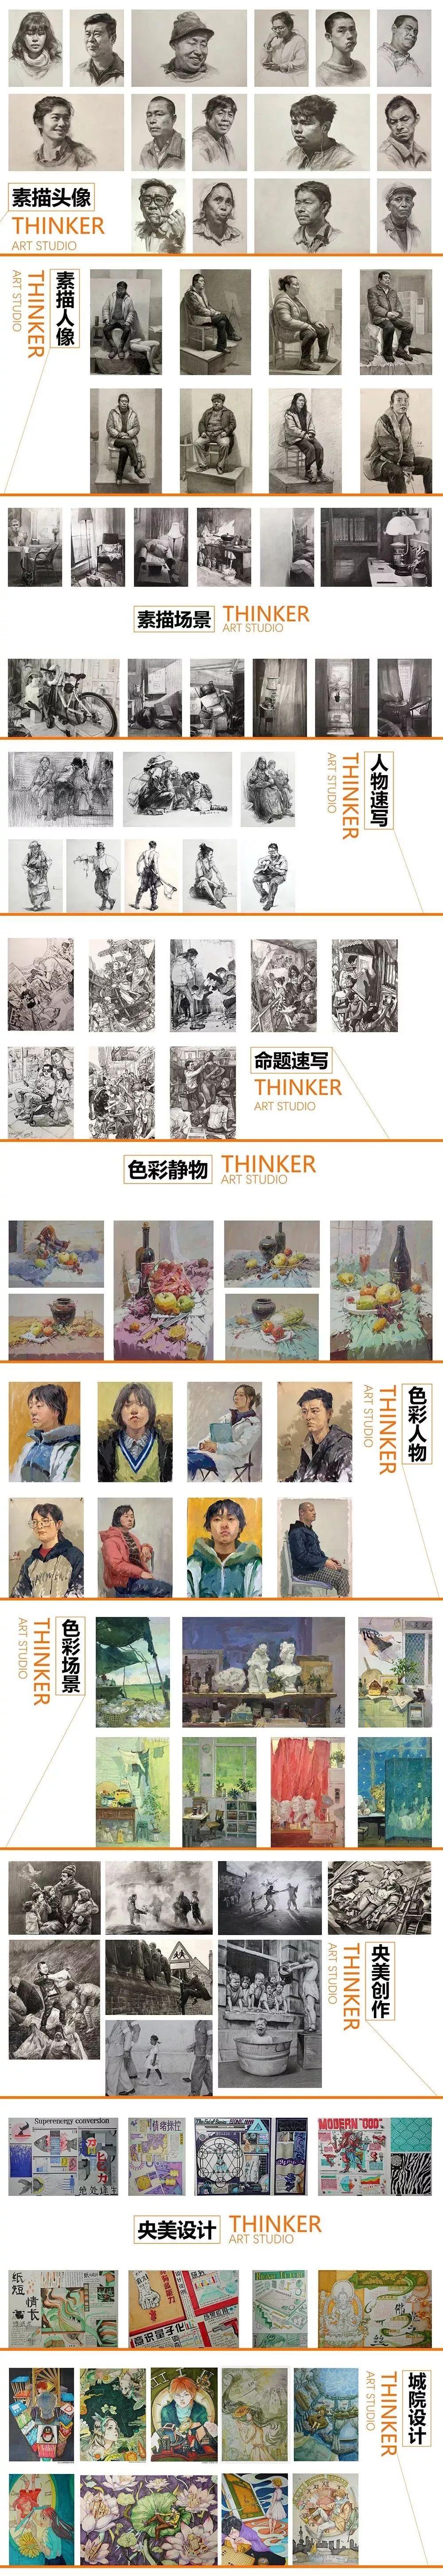 北京思想者画室预报名开启,北京画室招生,北京美术画室    28